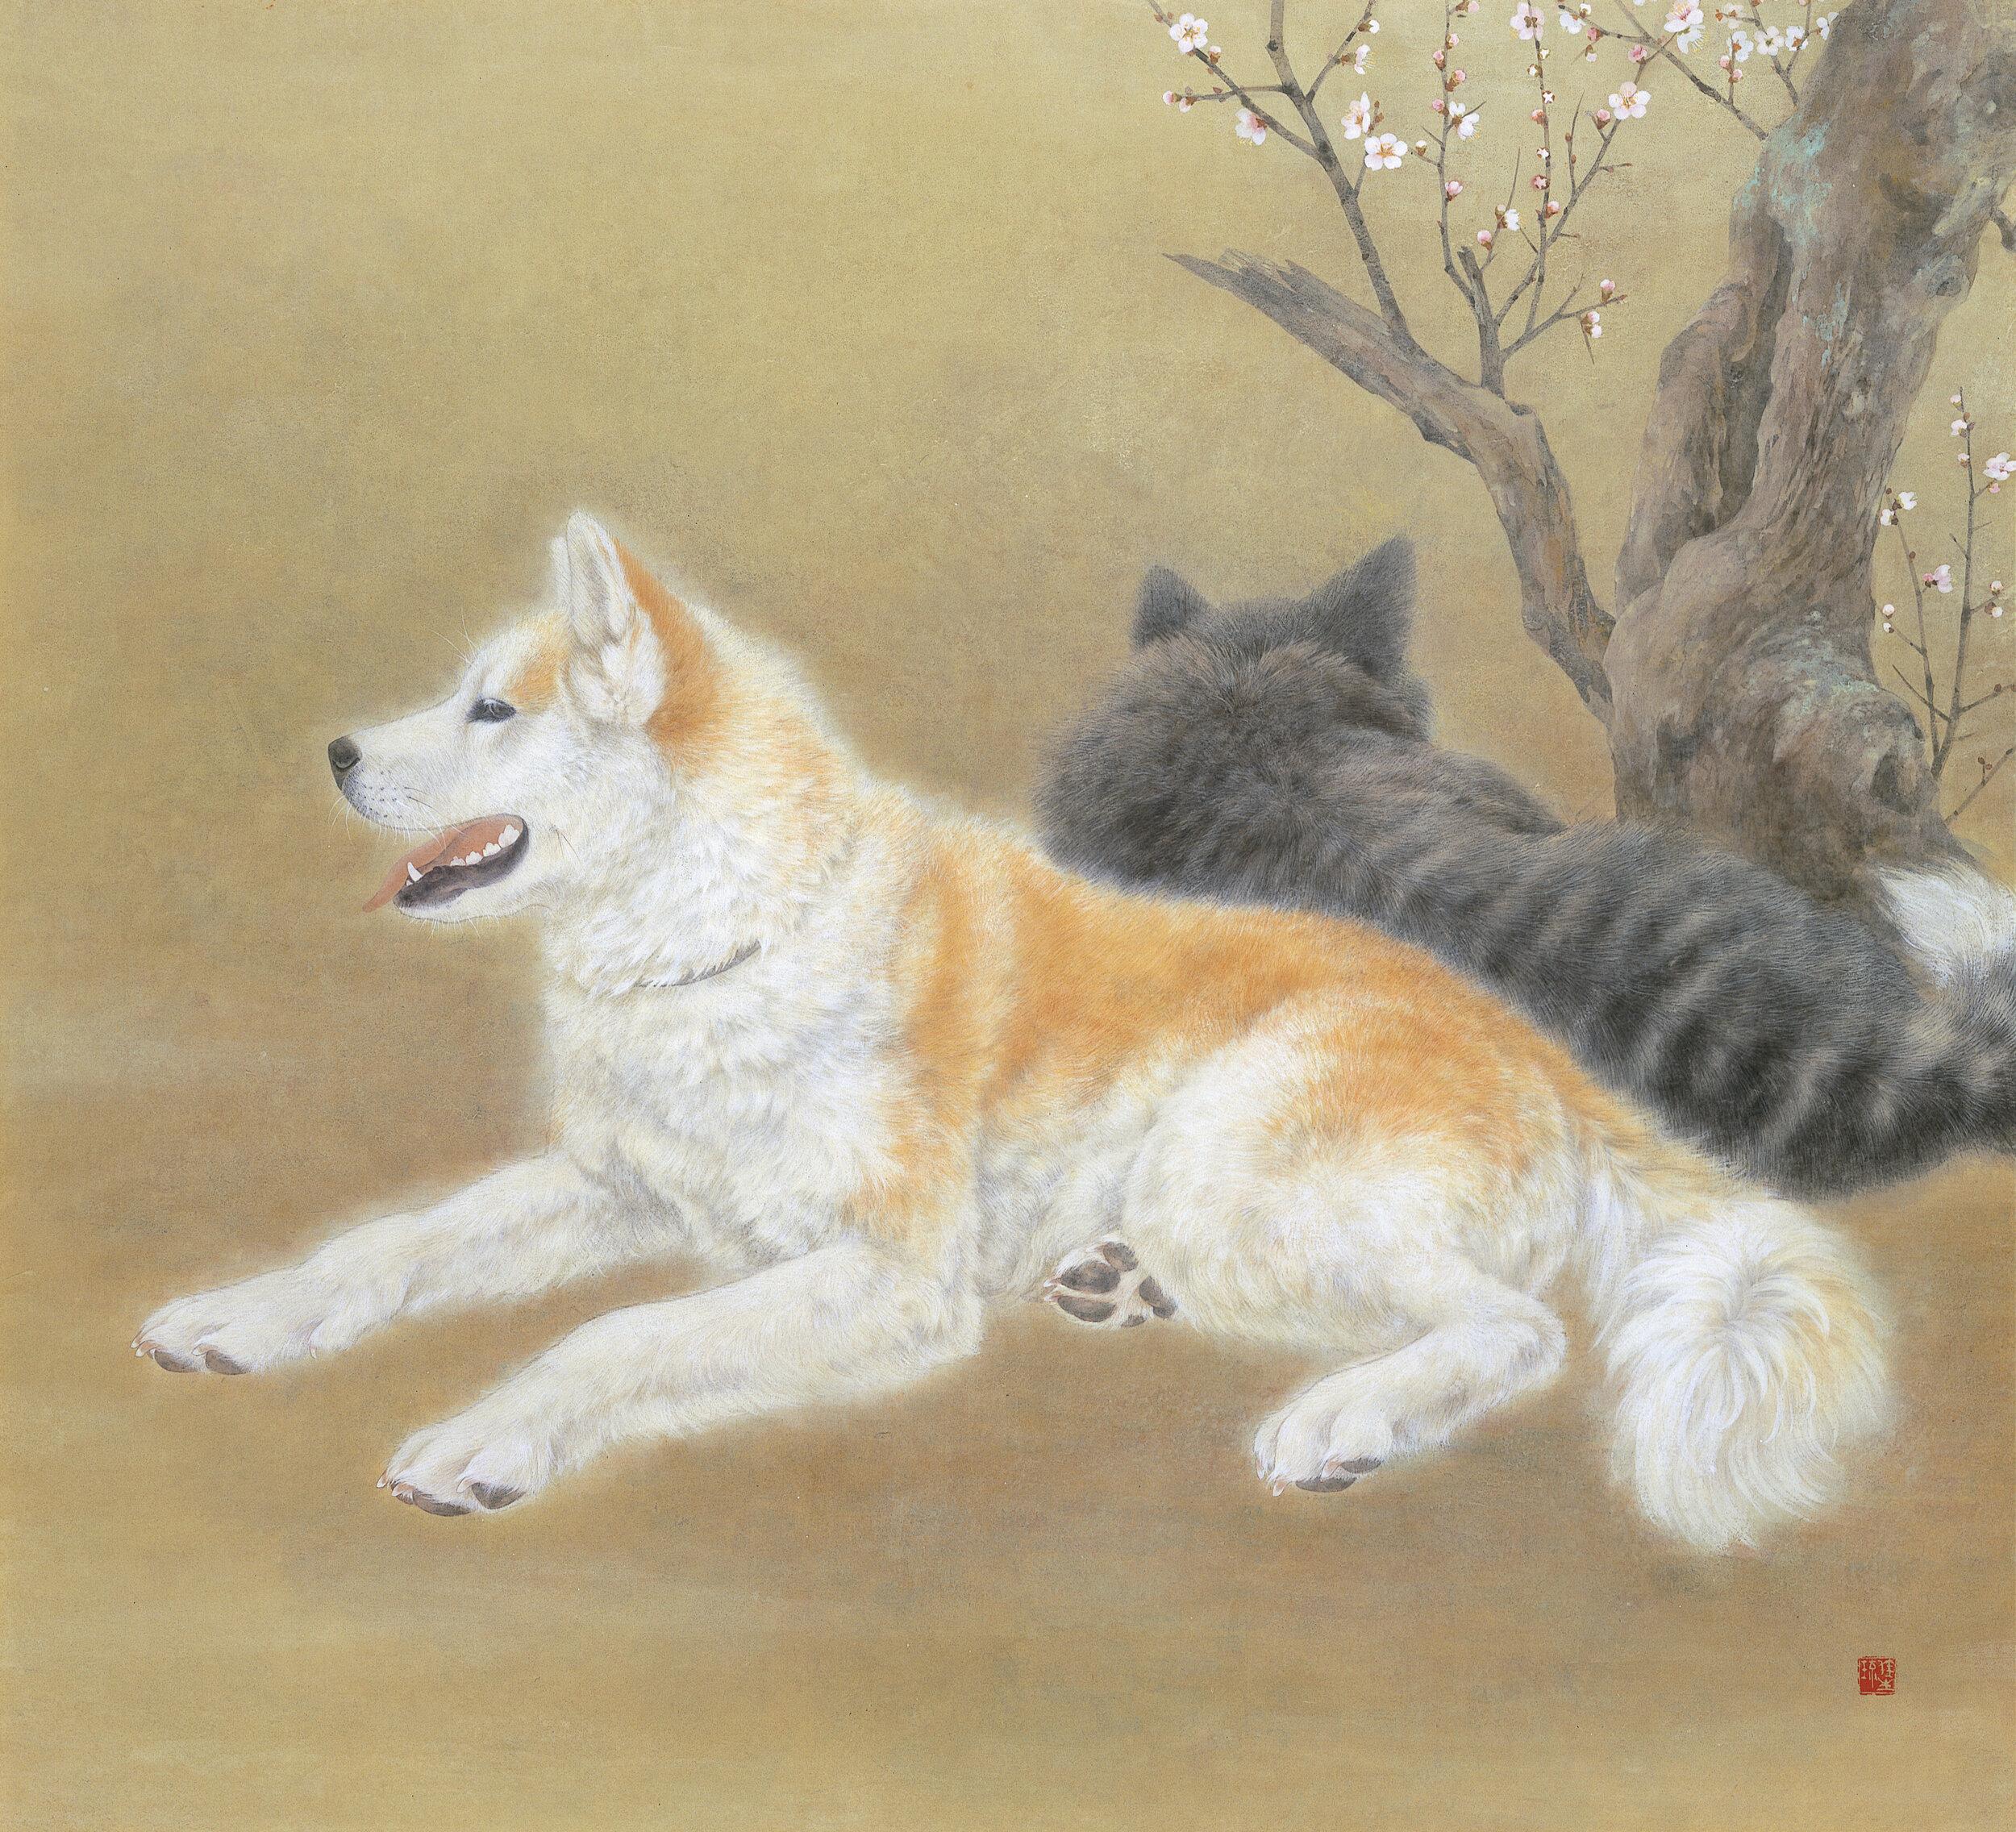 kaoru iemoto '芳信' 1995